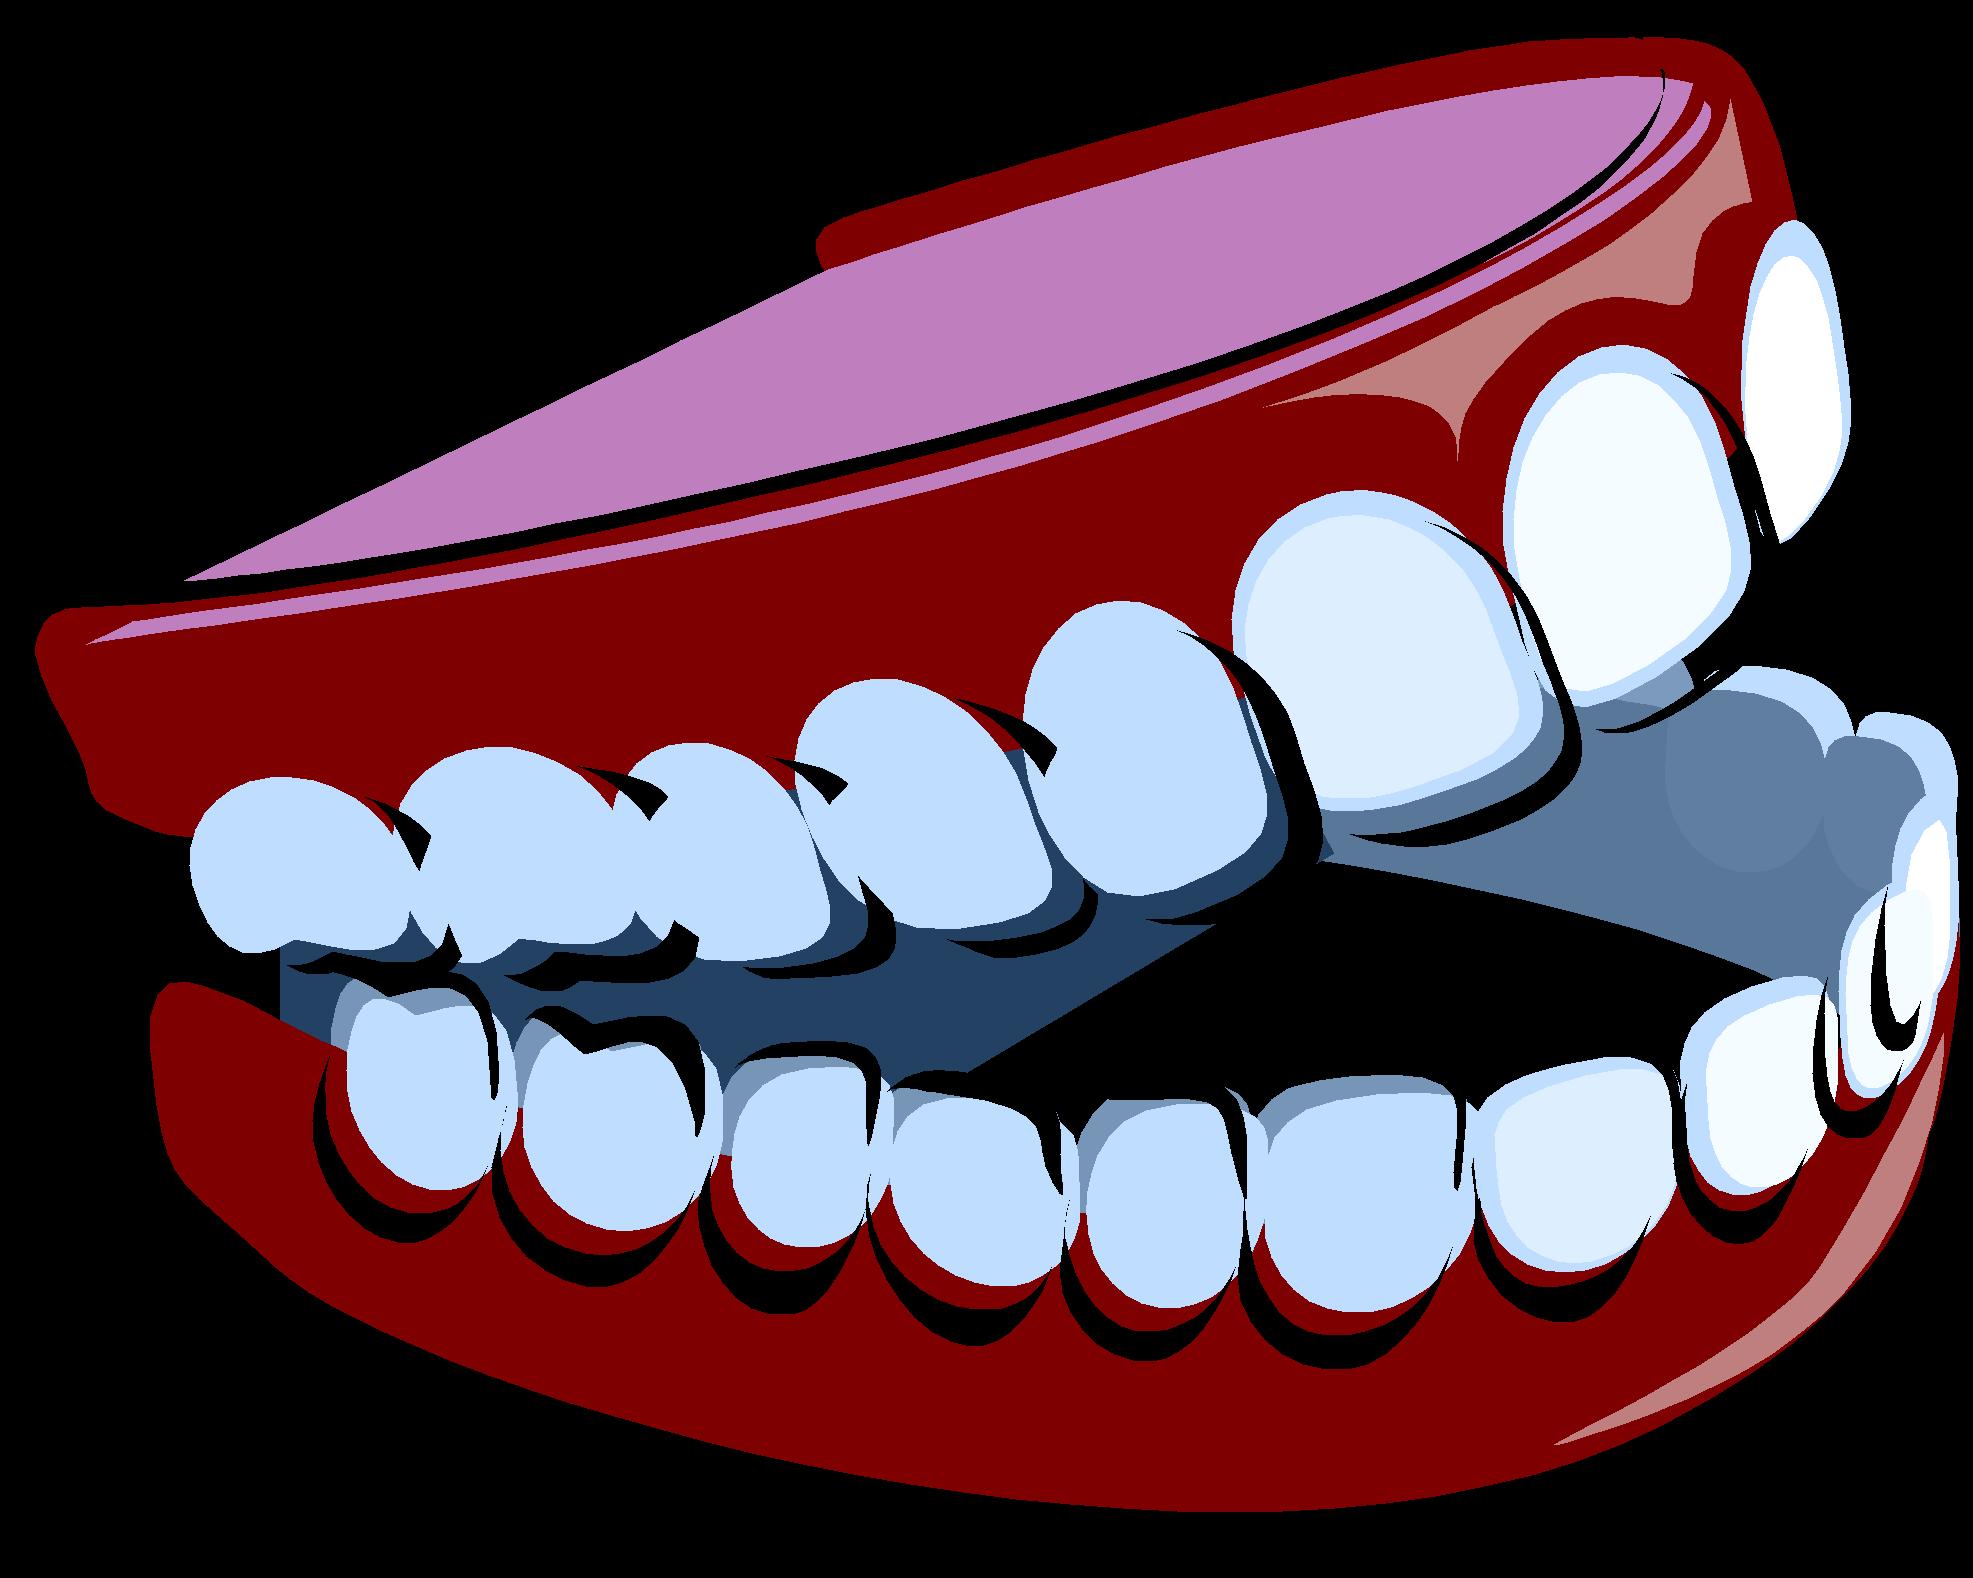 Надписью, зубы картинки для детей нарисованные